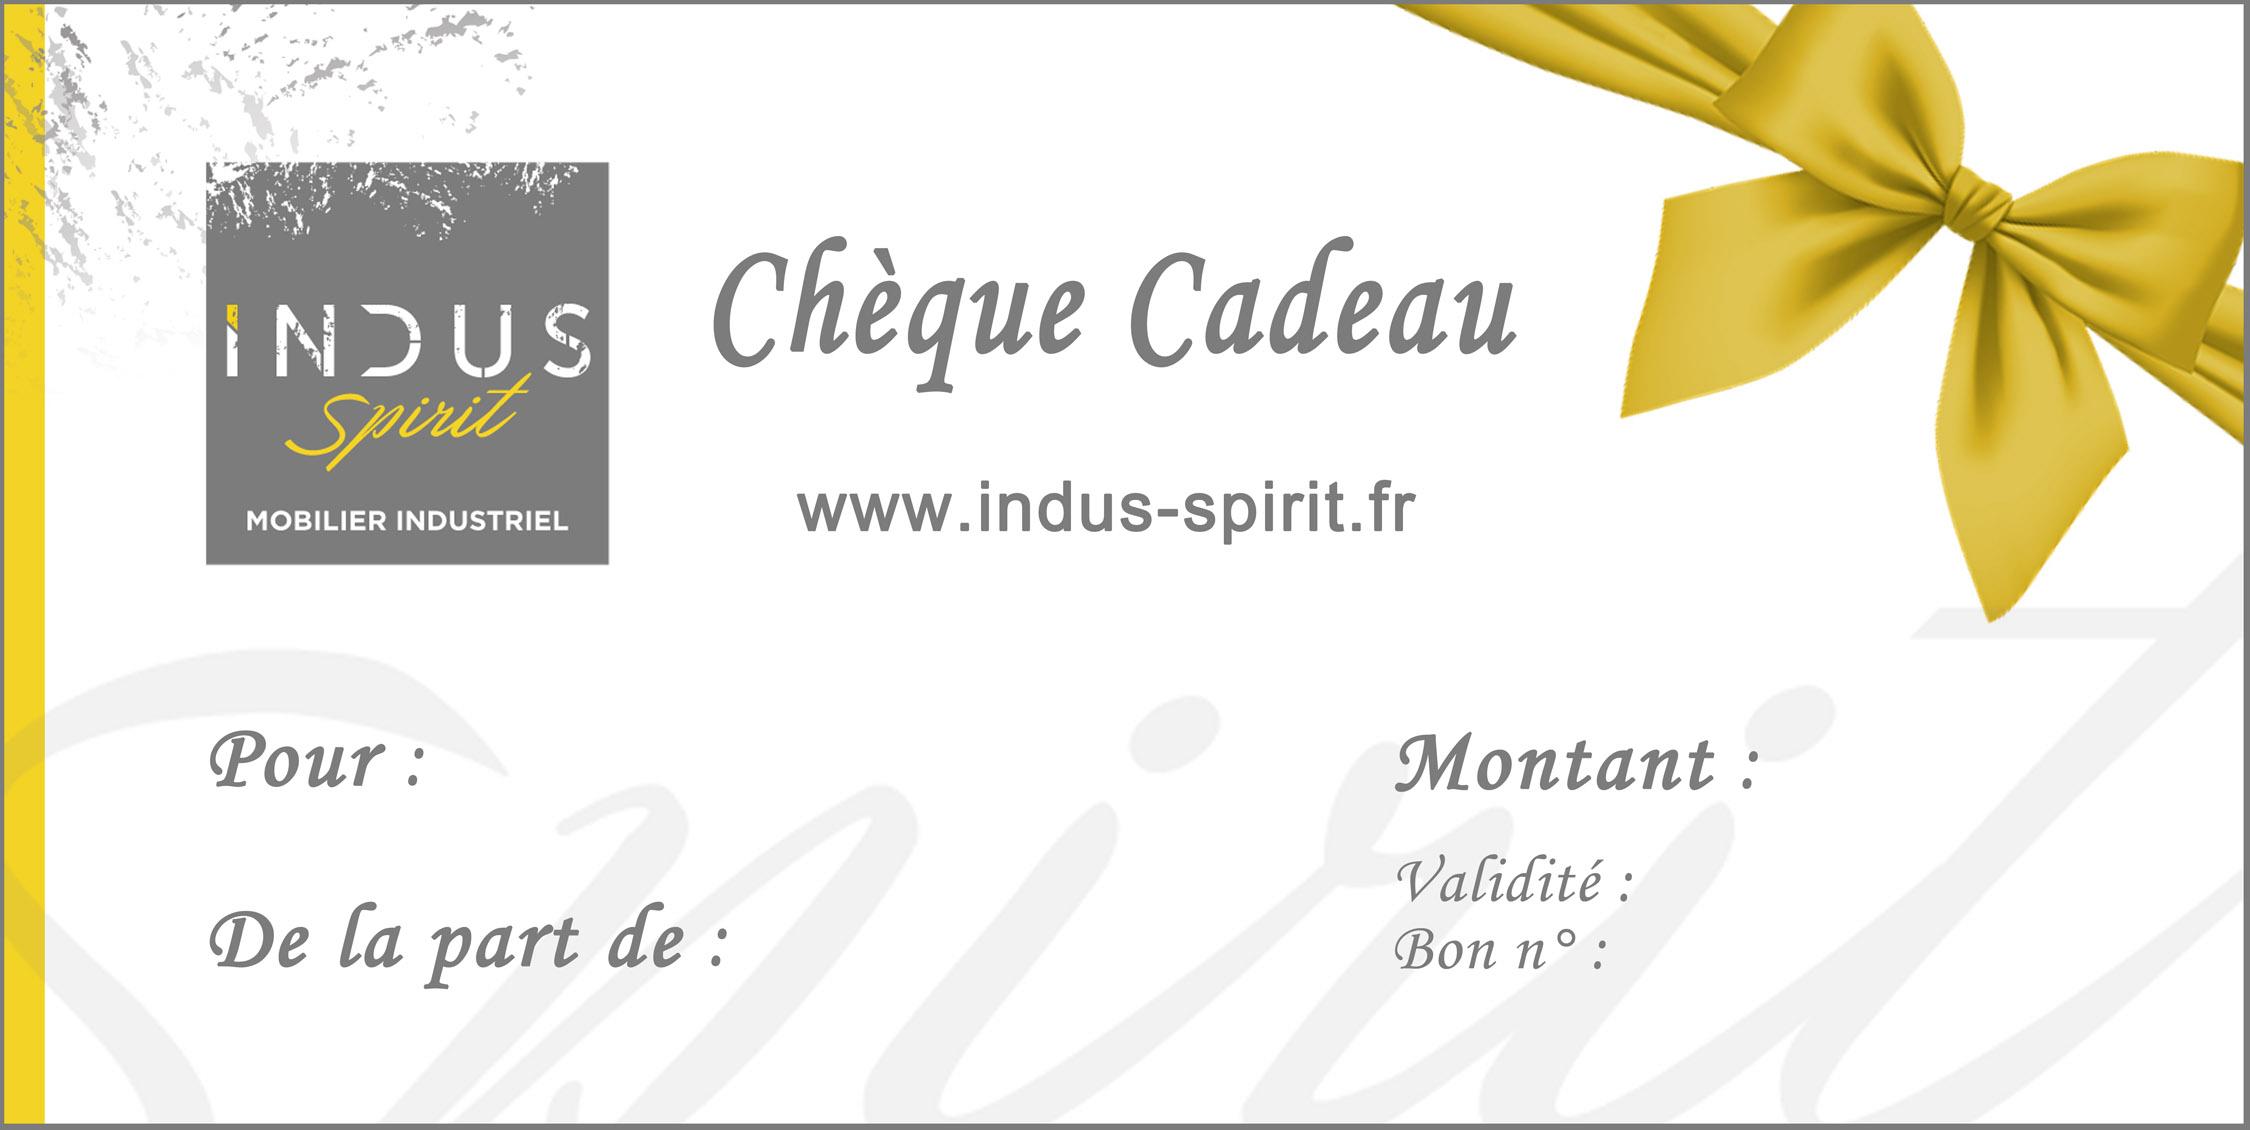 cheque-cadeau-indus-spirit.jpg